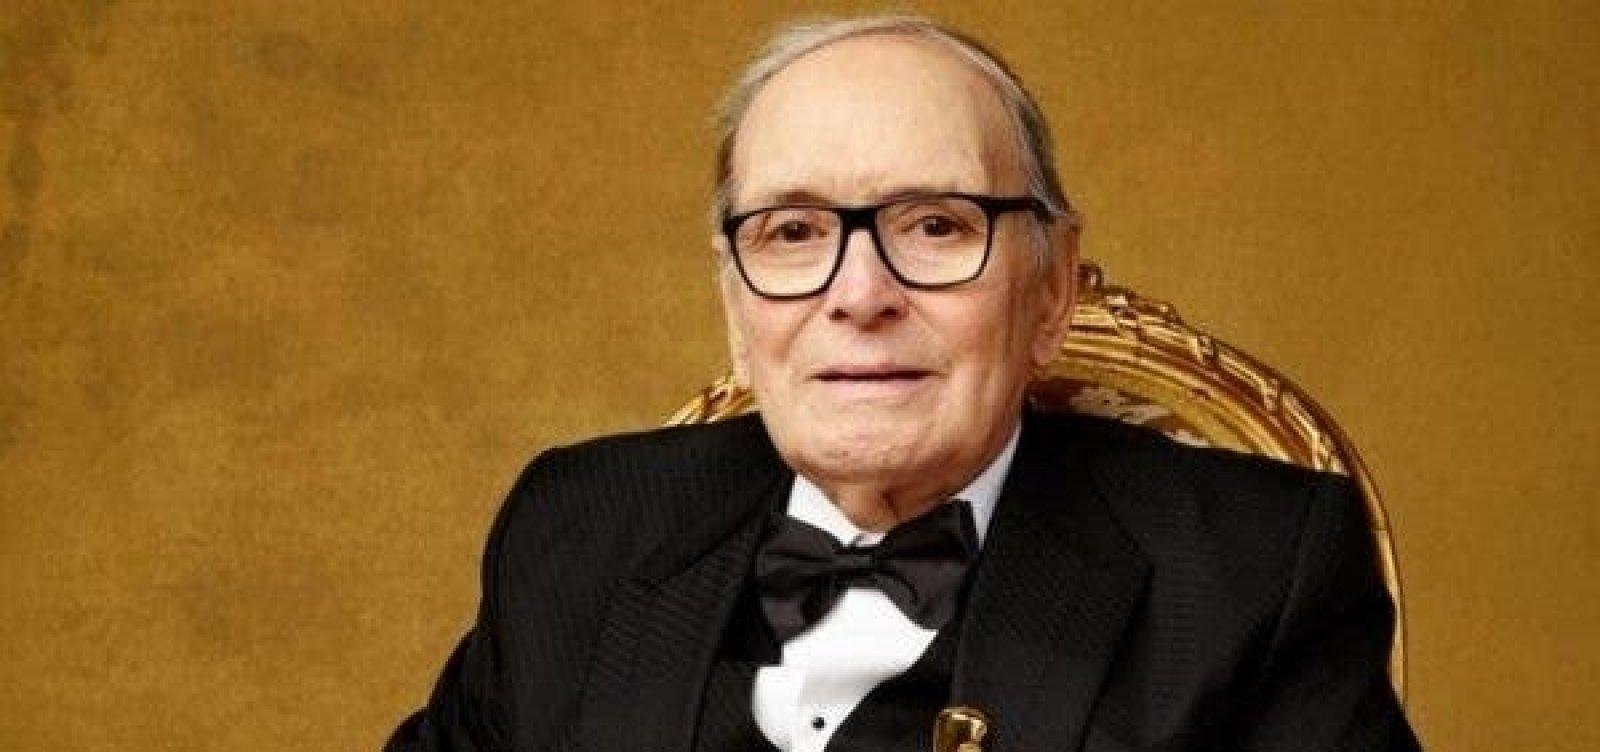 [Compositor e maestro Ennio Morricone morre aos 91 anos]